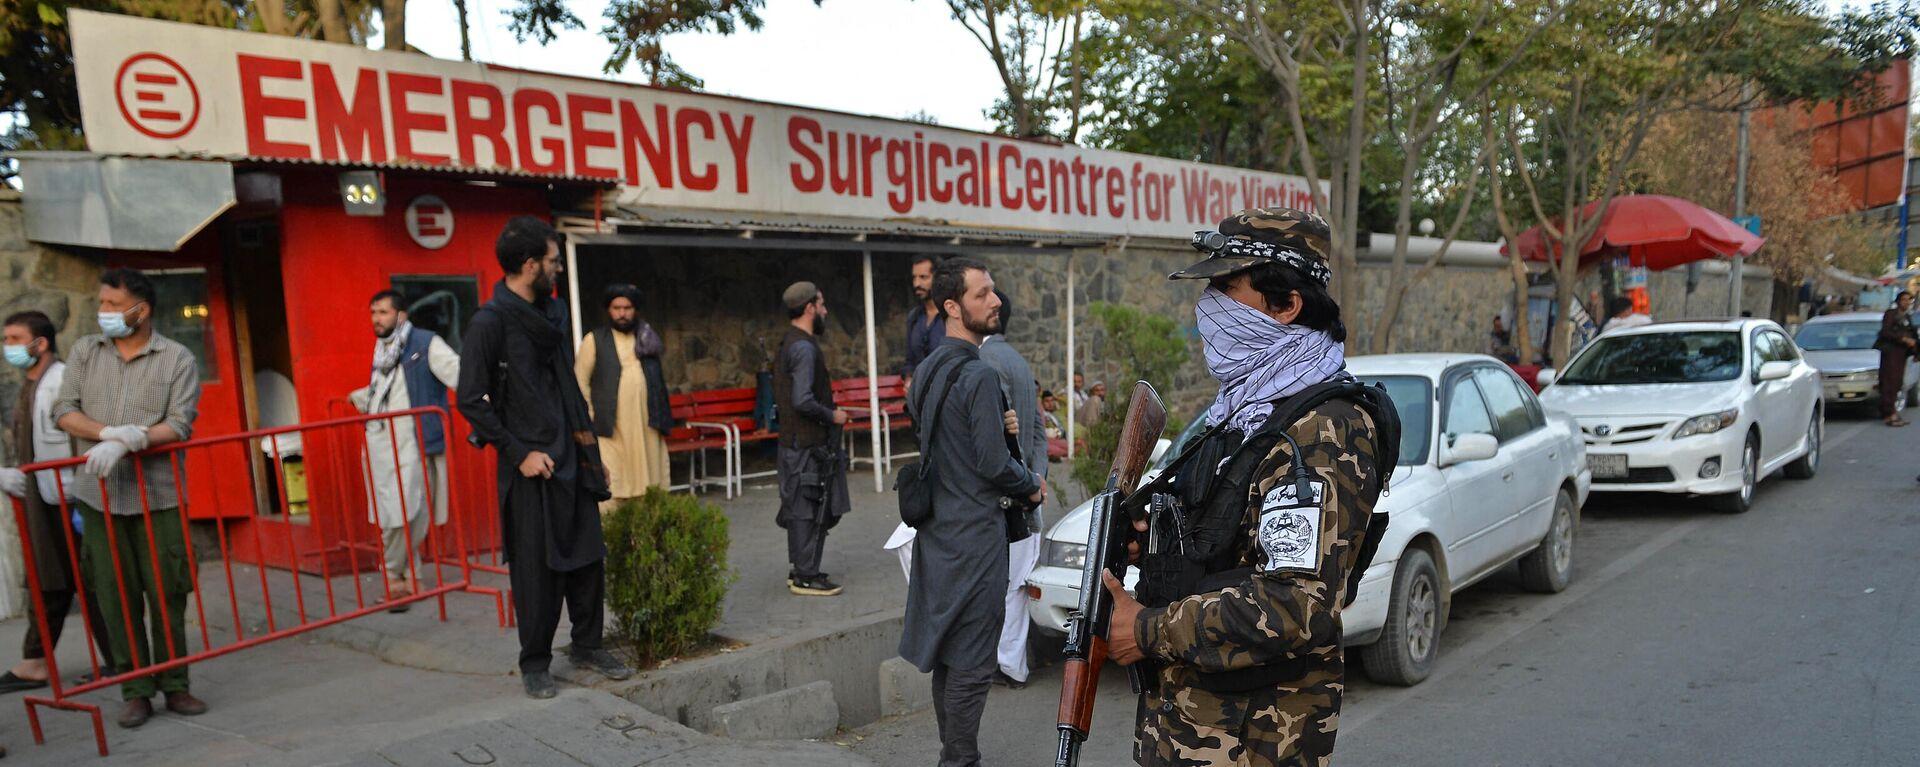 Pripadnici pokreta Taliban i medicinsko osoblje ispred ulaza u bolnicu čekaju dolazak žrtava nakon eksplozije u džamiji u Kabulu - Sputnik Srbija, 1920, 03.10.2021